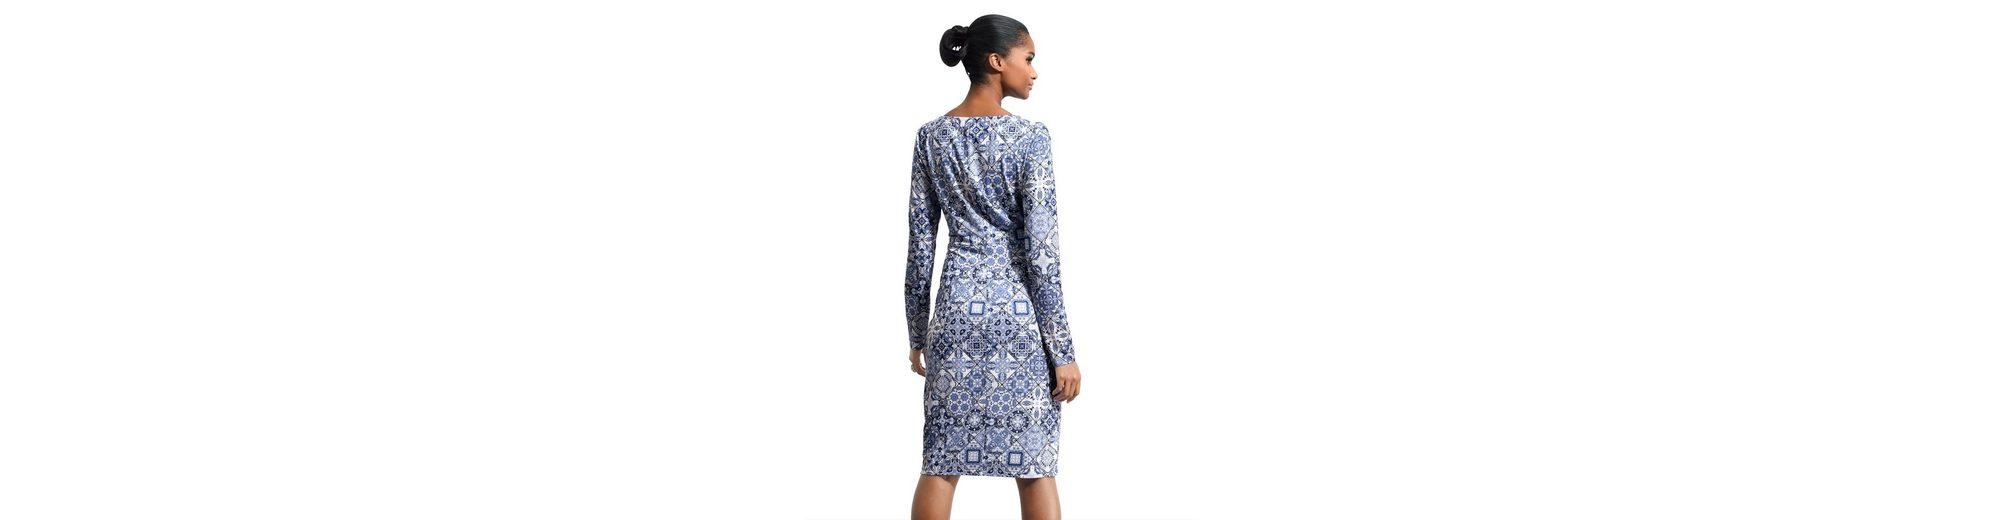 Alba Moda Kleid mit ALBA MODA exklusivem Druck Einkaufen ff8GH02f